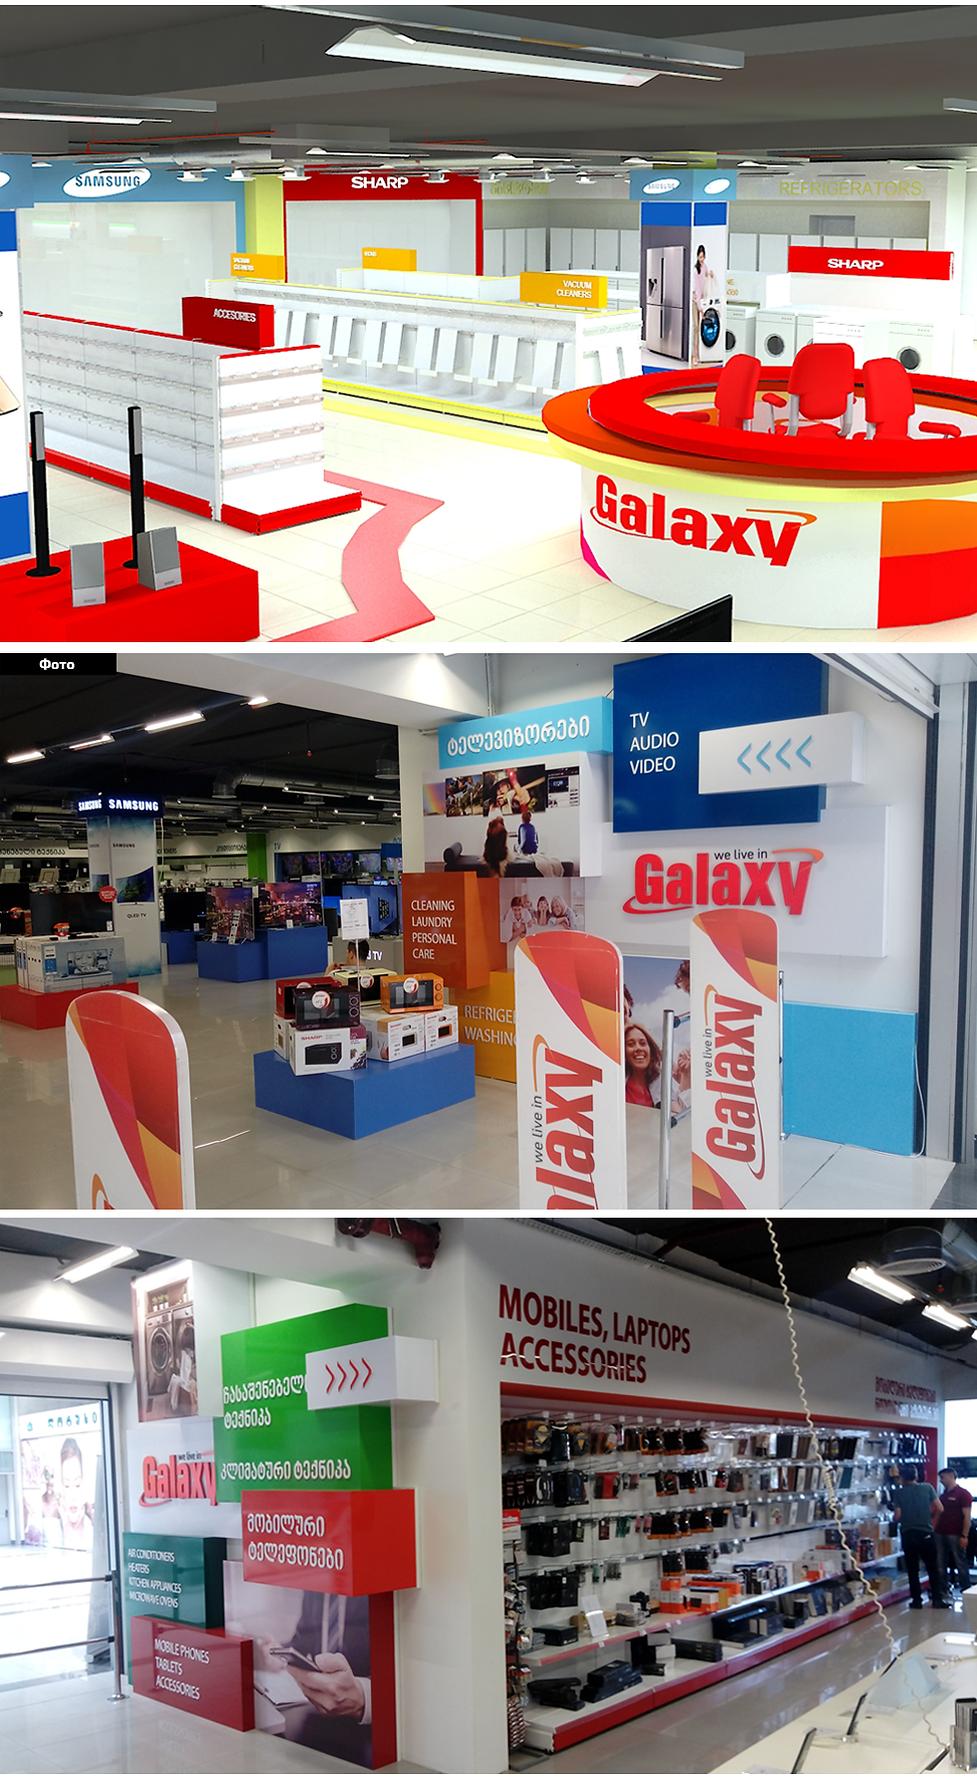 проектирование и дизайн магазина Galaxy